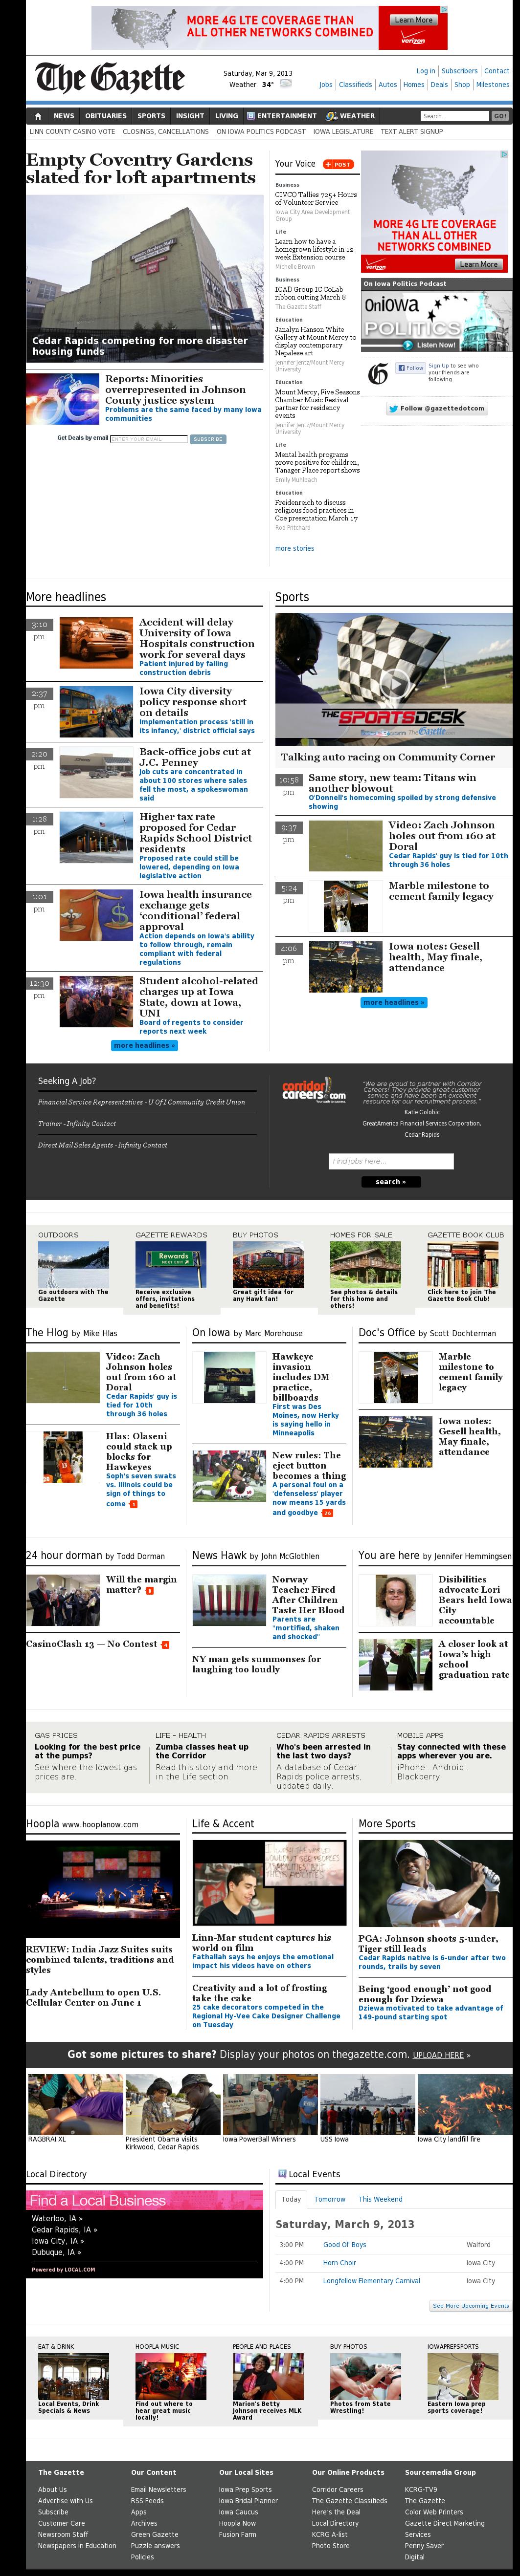 The (Cedar Rapids) Gazette at Saturday March 9, 2013, 7:06 a.m. UTC